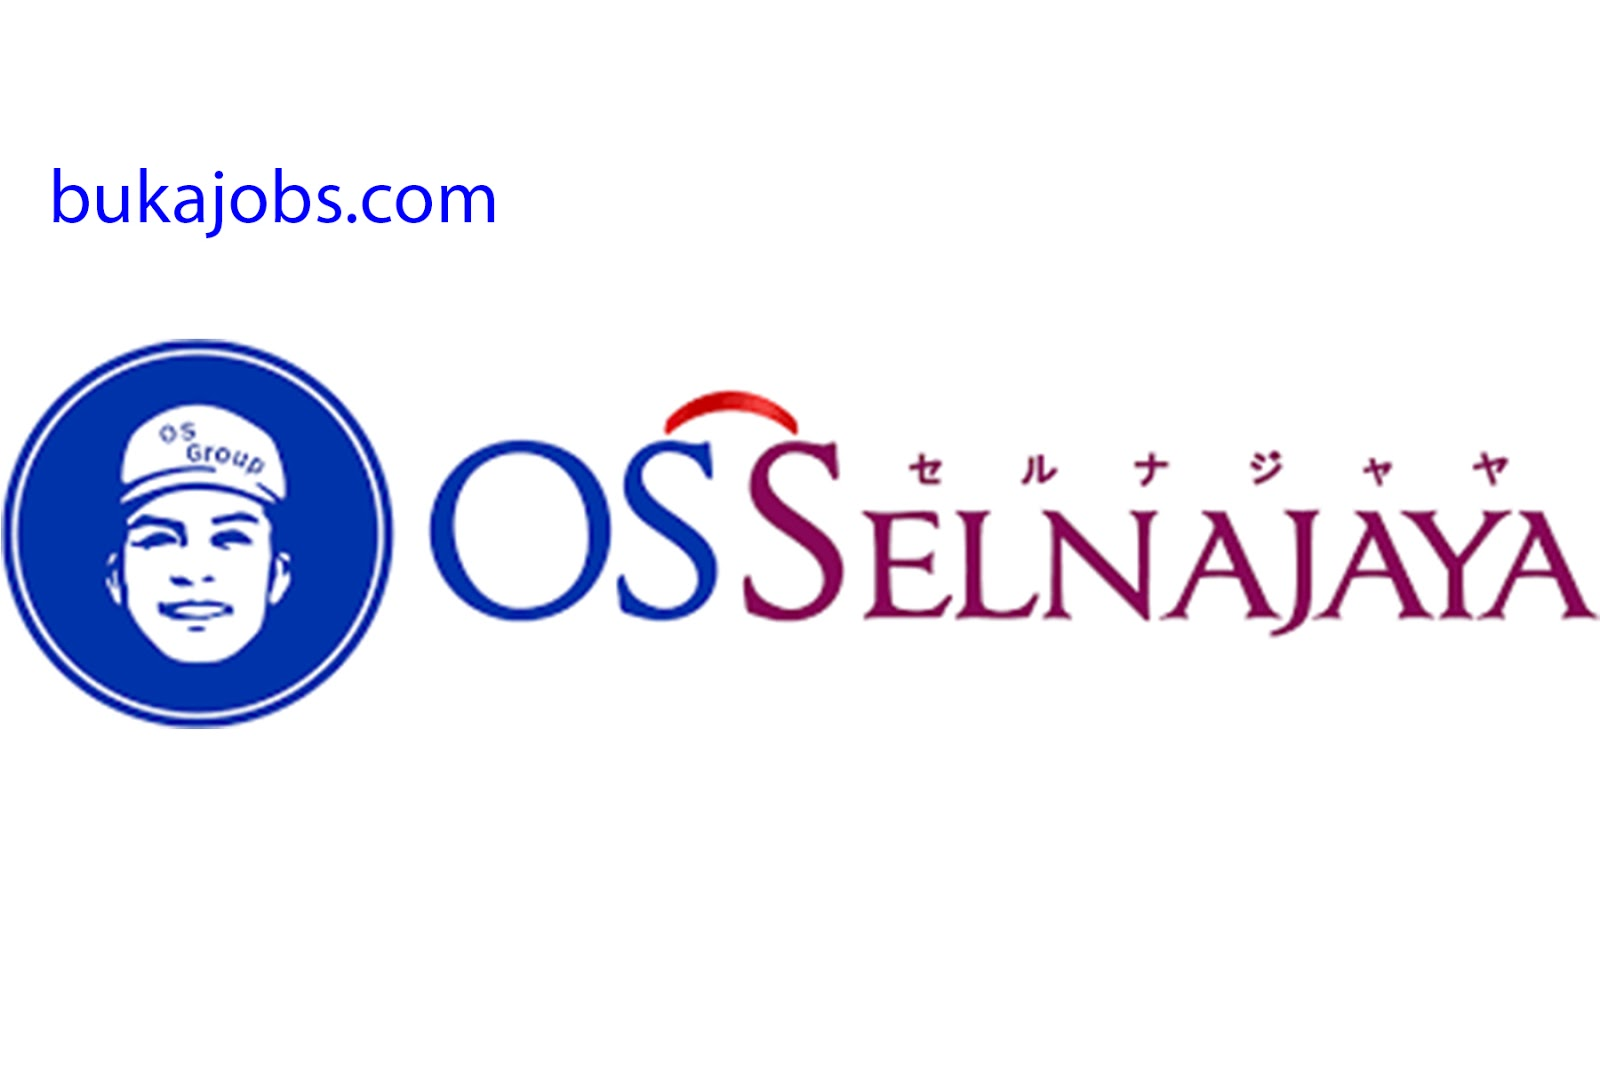 Lowongan Kerja di PT OS Selnajaya Indonesia Terbaru